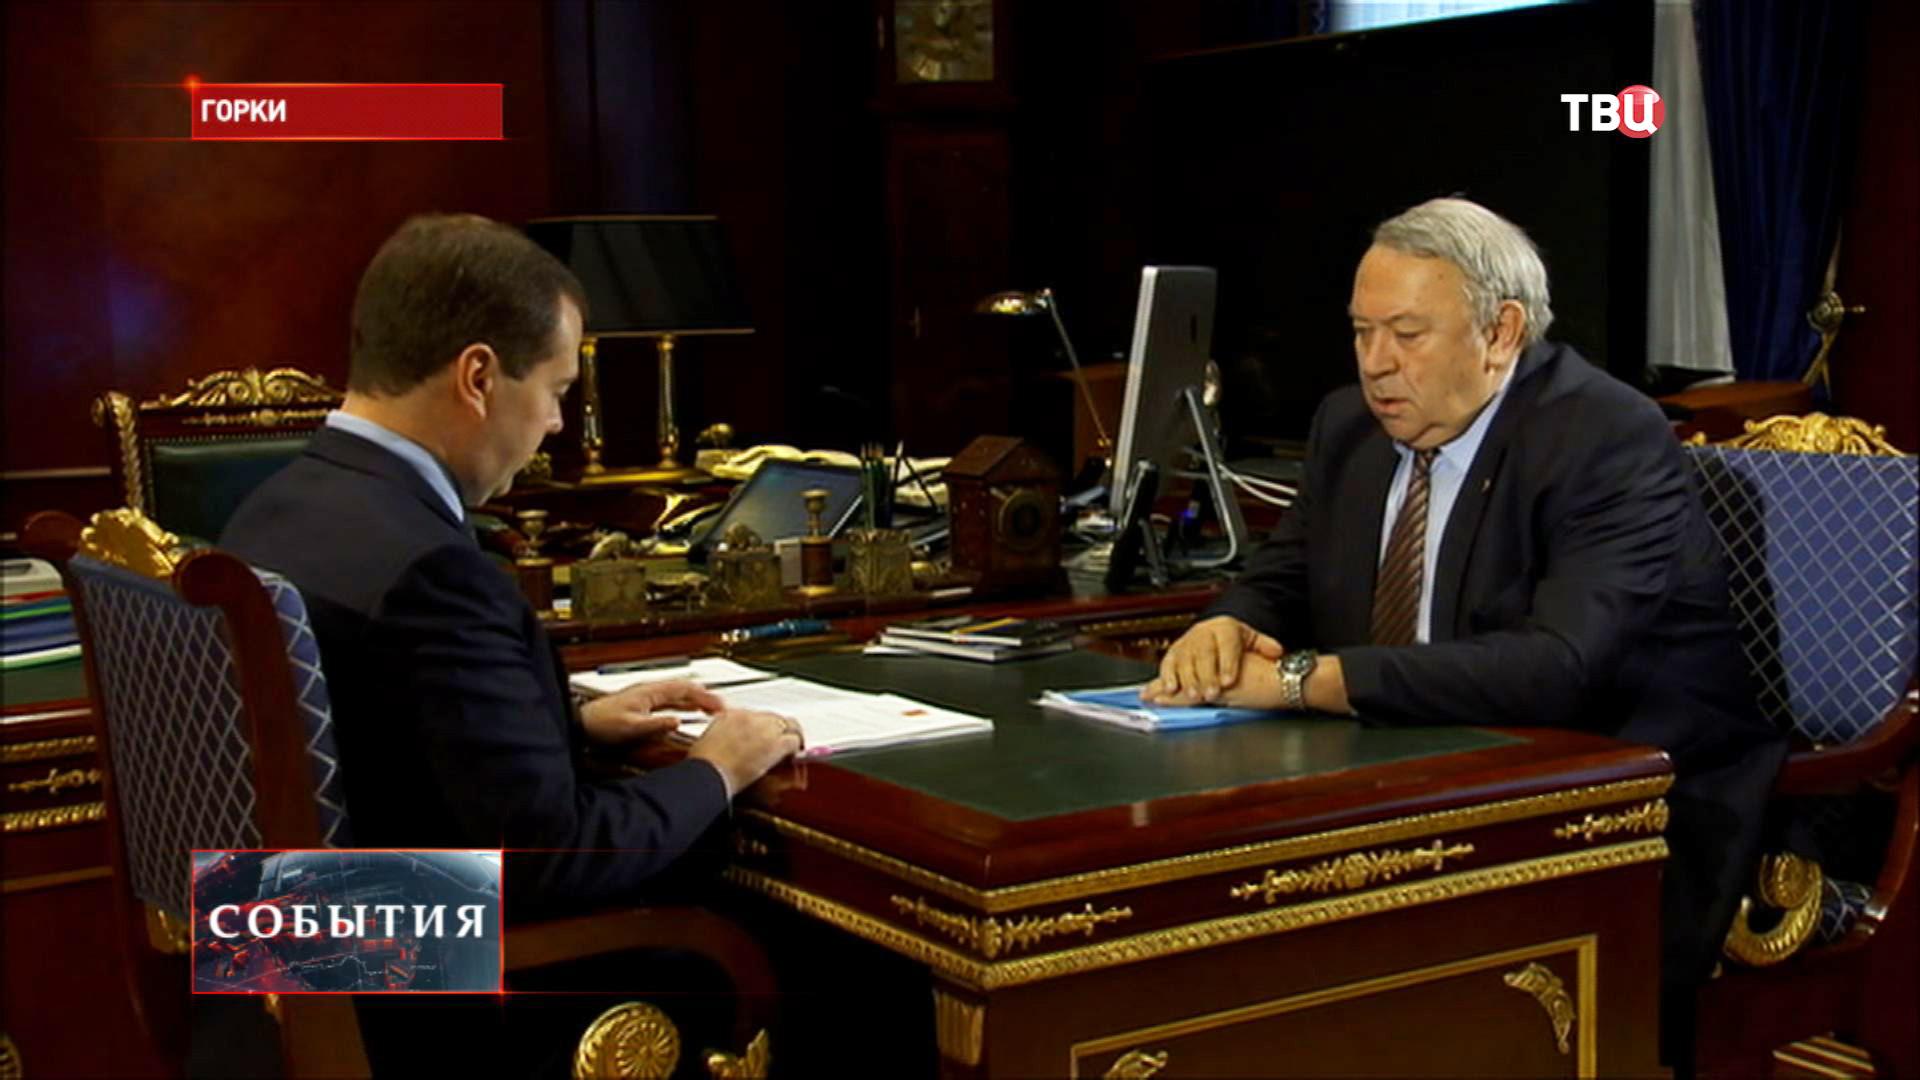 Премьер-министр Дмитрий Медведев и президент РАН Владимир Фортов